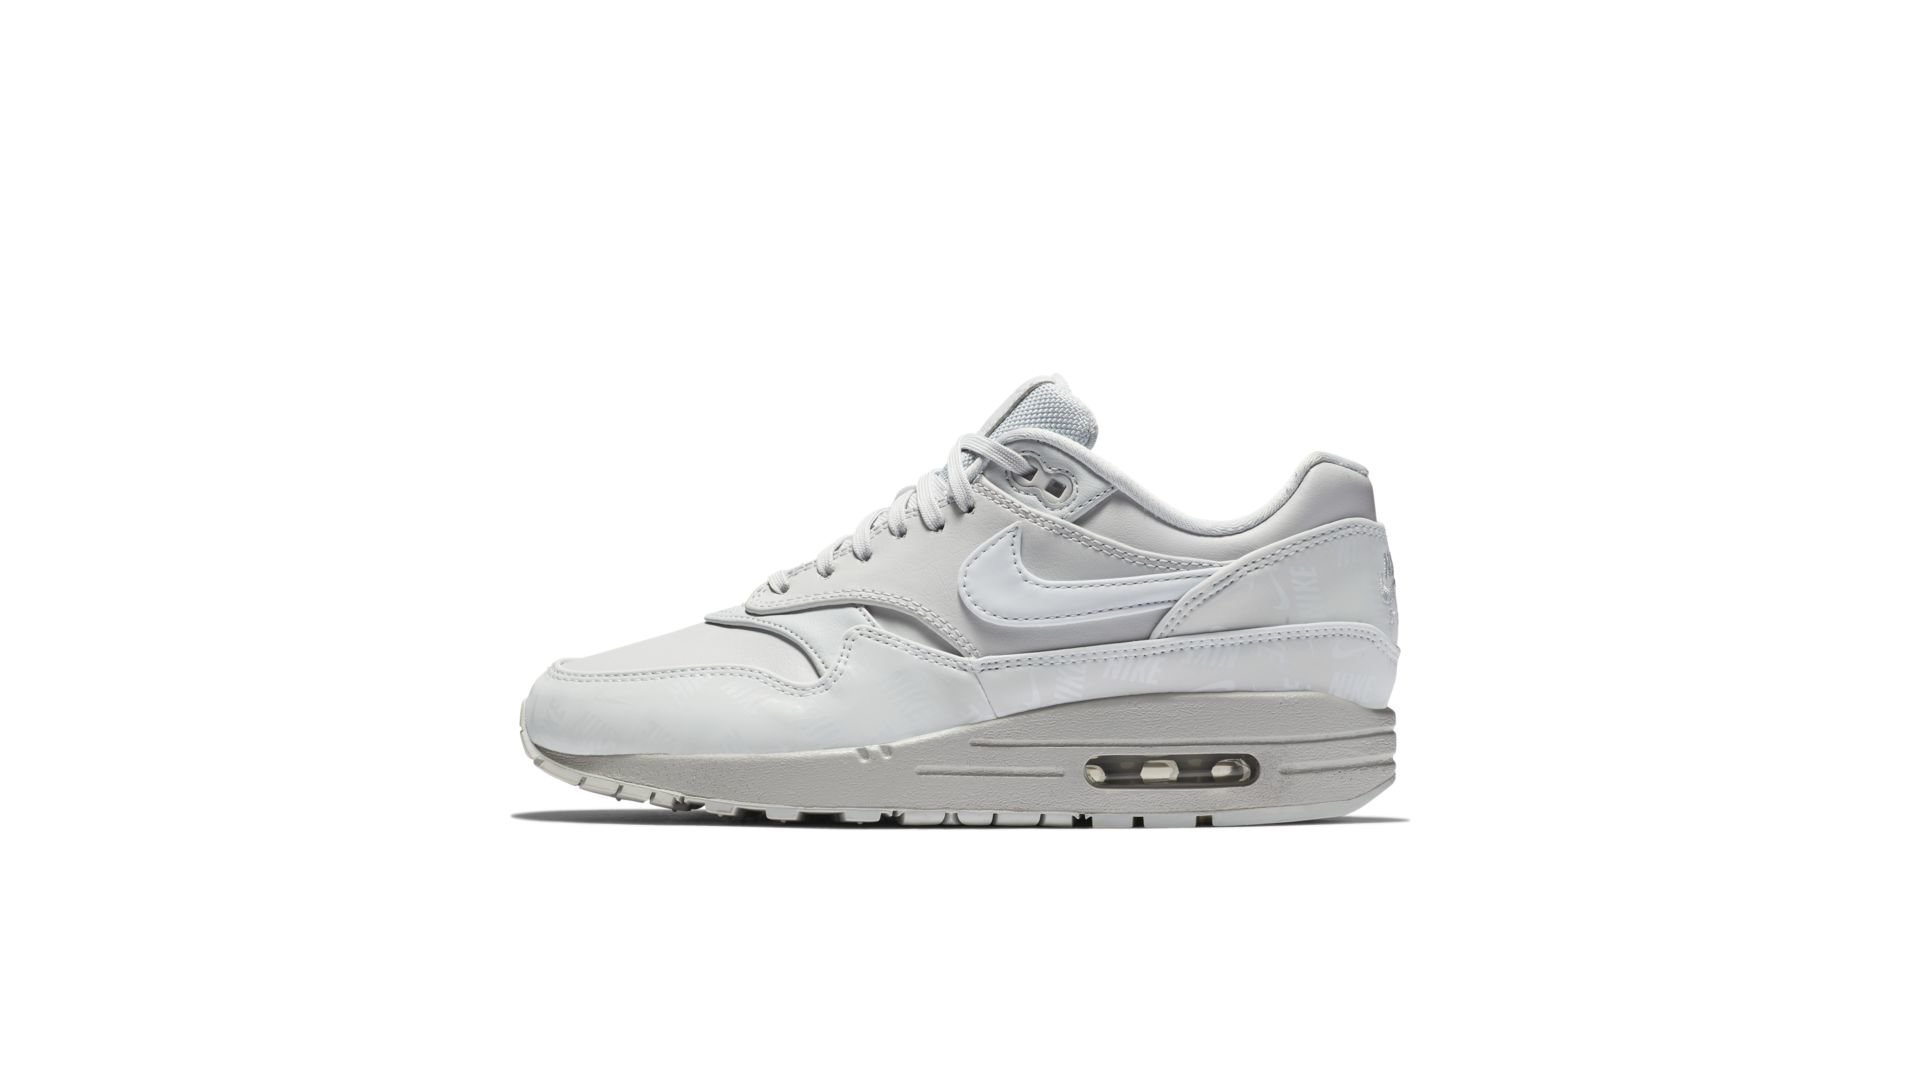 Nike Air Max 1 917691-002